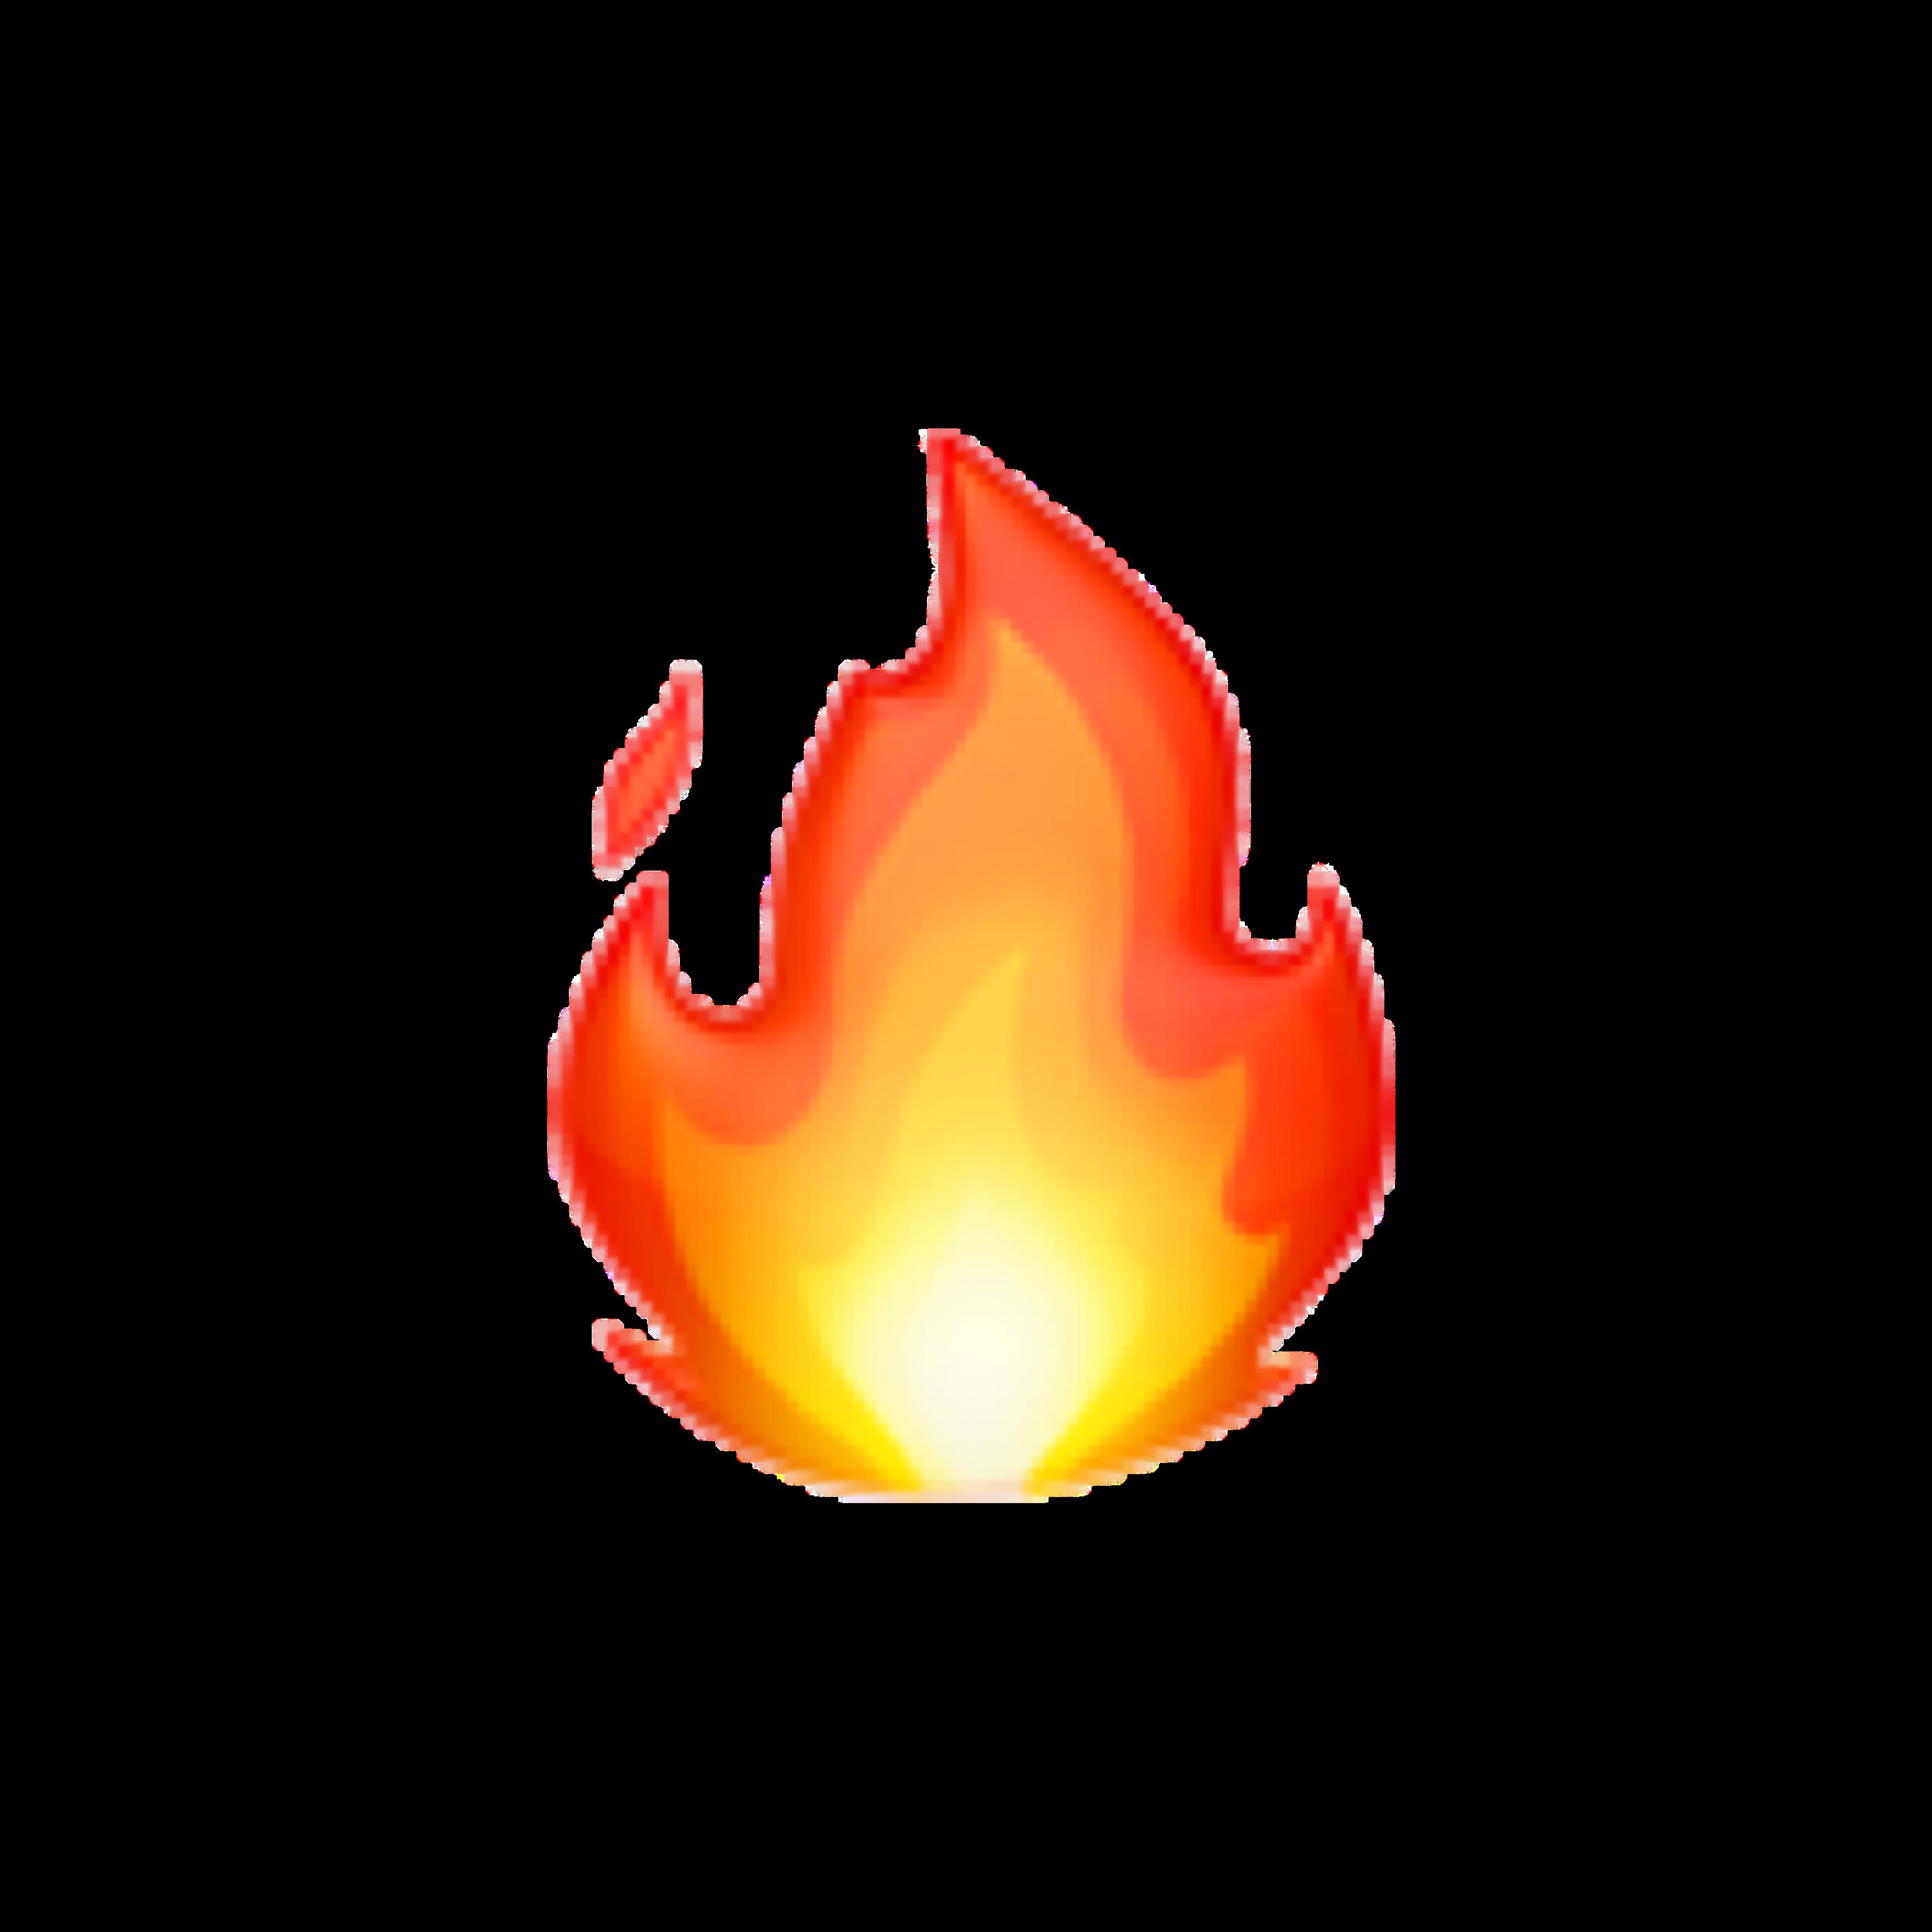 Emoji Iphone Iphoneemoji Fire Fireemoji Freetoedit Remixit Emoji Tattoo Emoji Stickers Ios Emoji